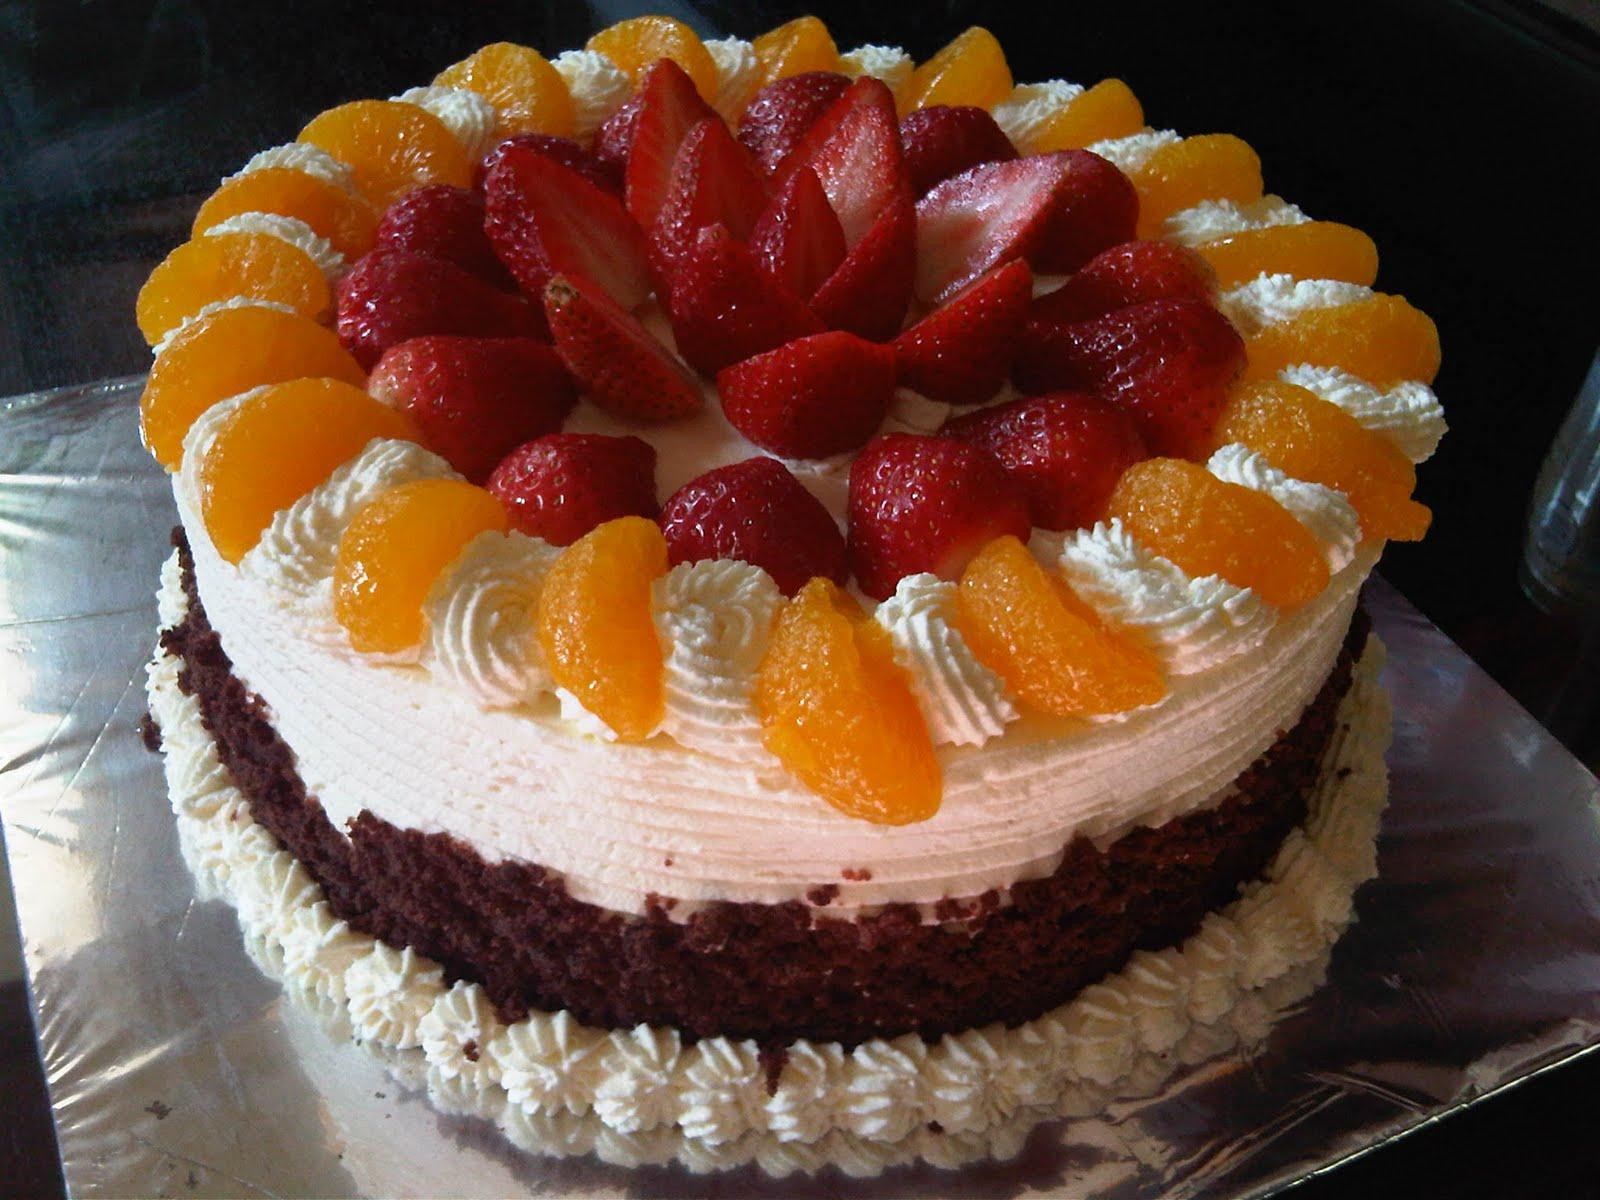 Resep Red Velvet Cake Ala Joy Of Baking